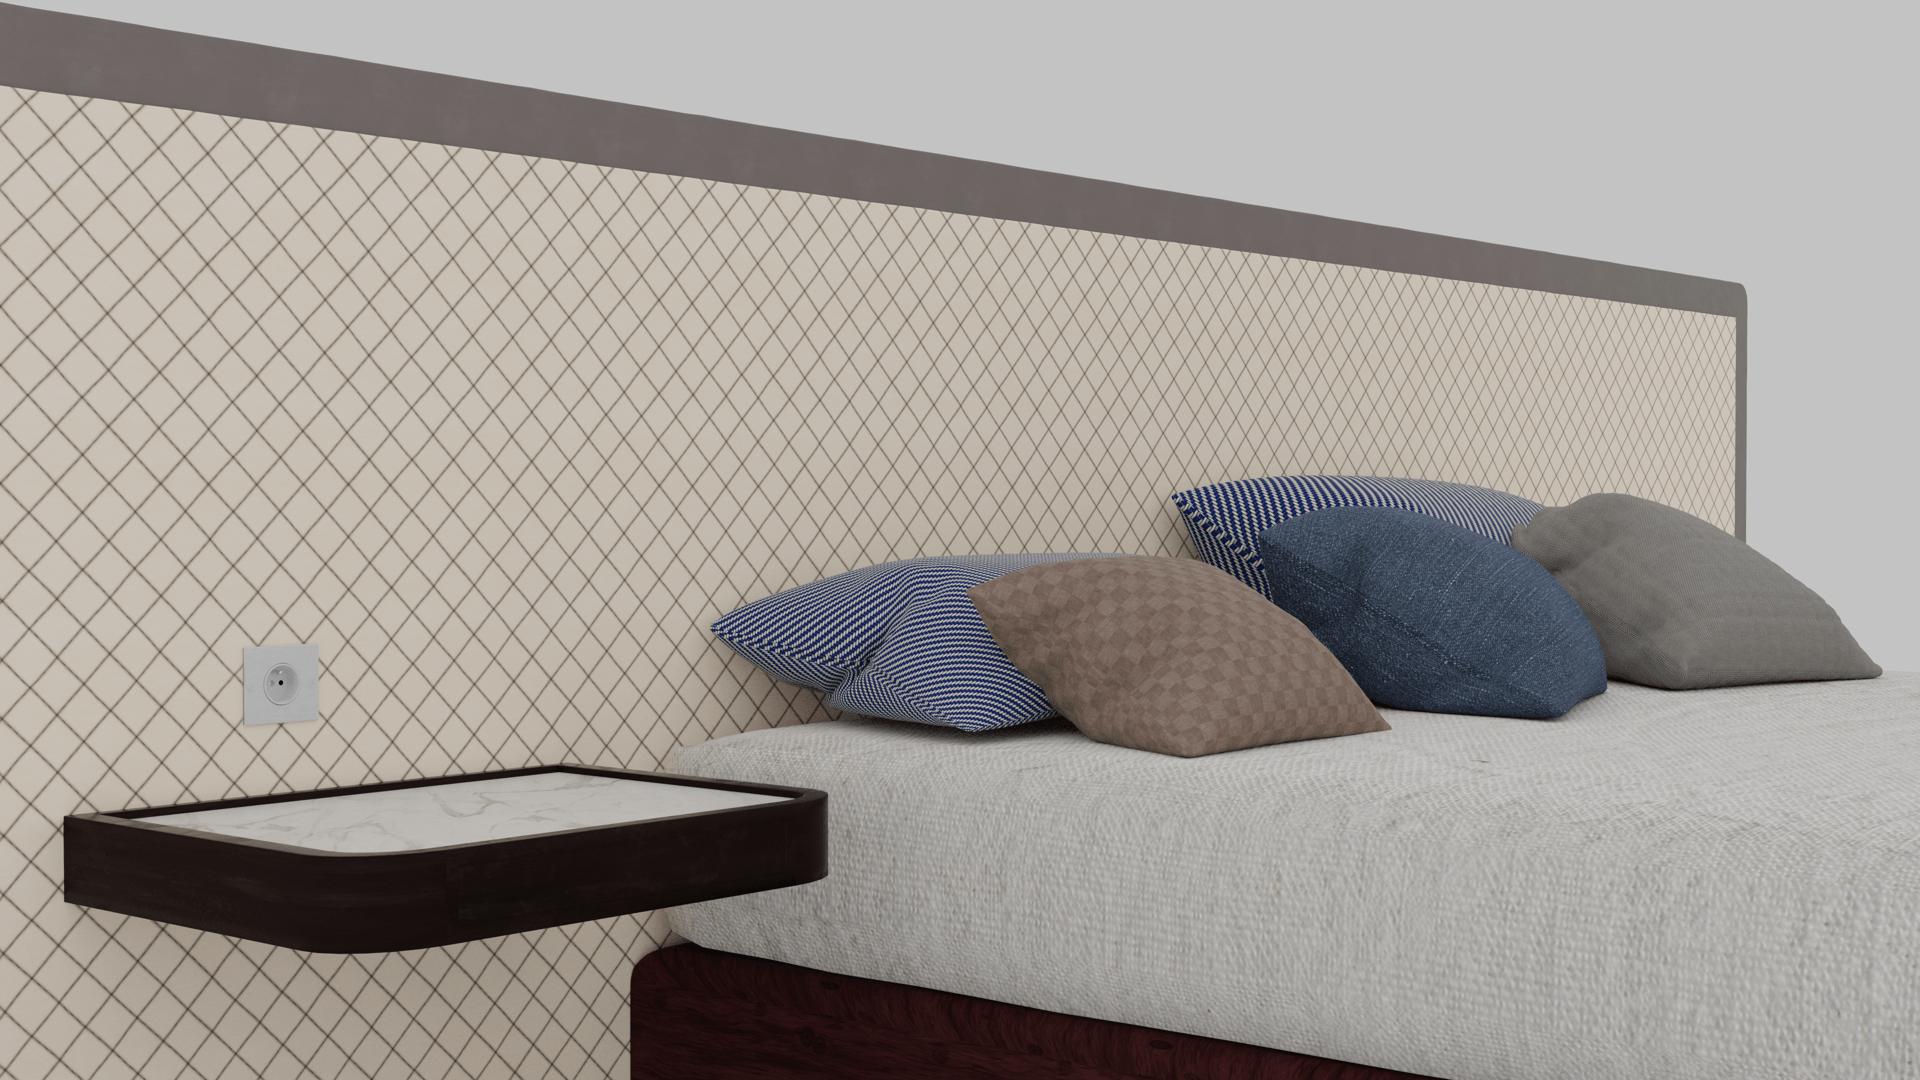 bed_001_export-2